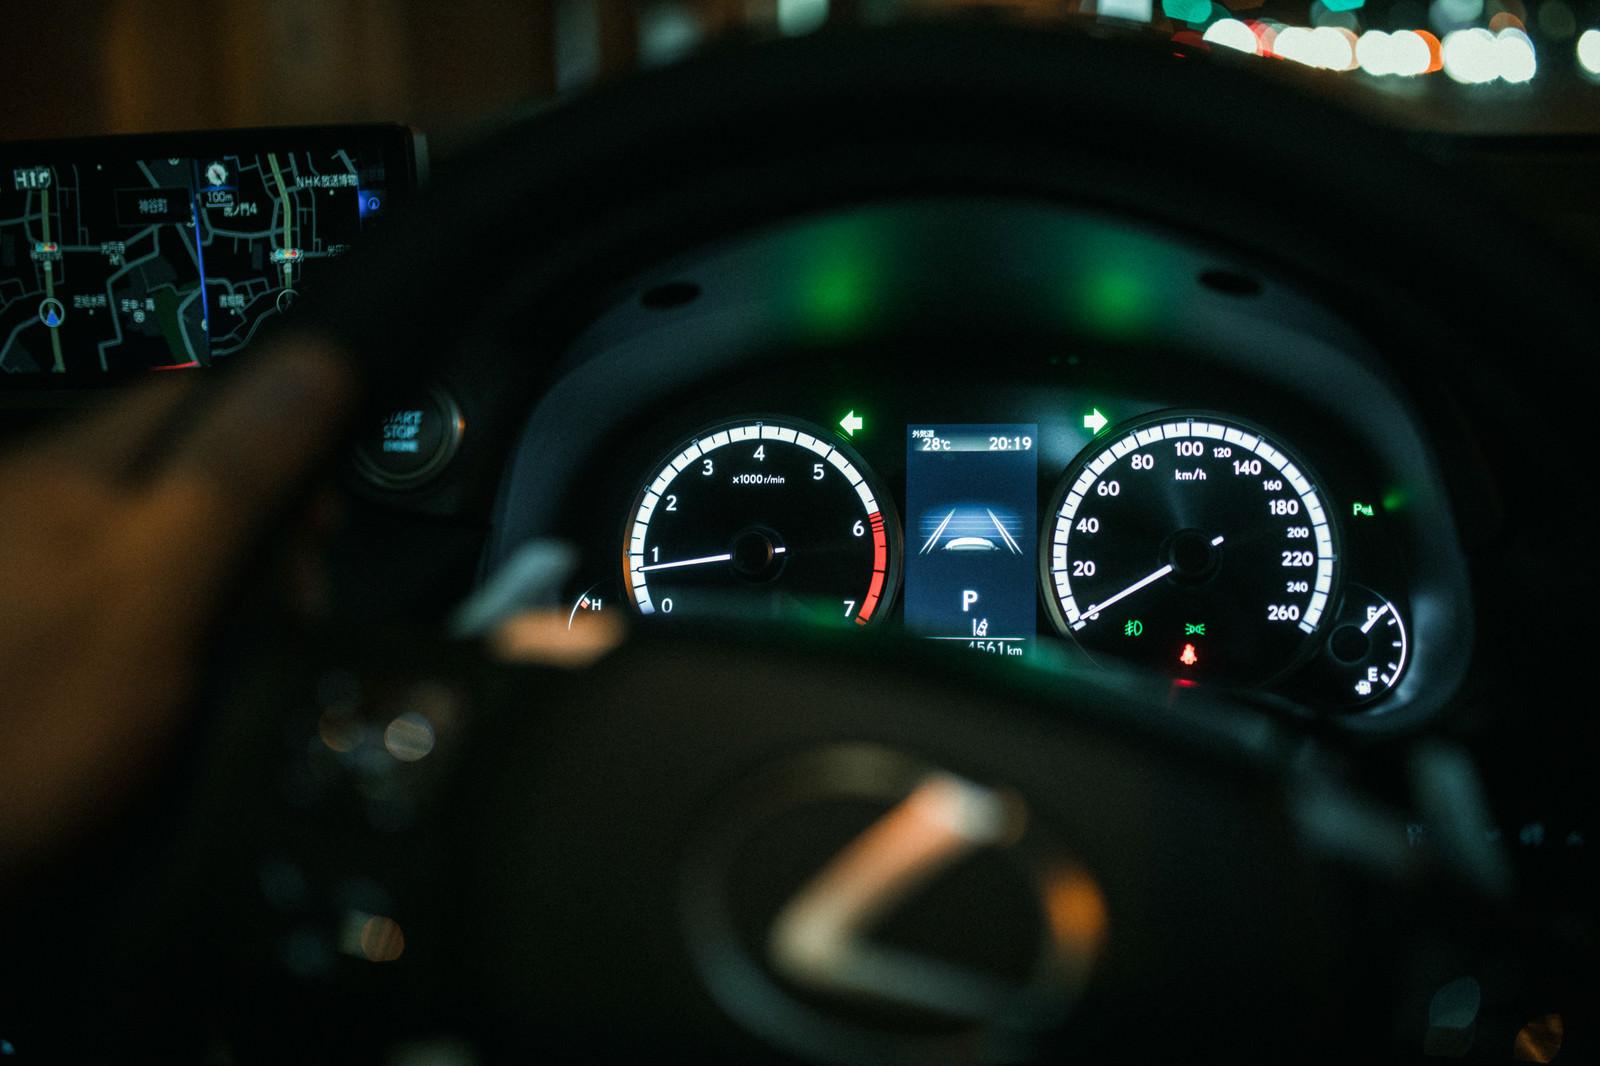 「夜間走行中の車のスピードメーター夜間走行中の車のスピードメーター」のフリー写真素材を拡大